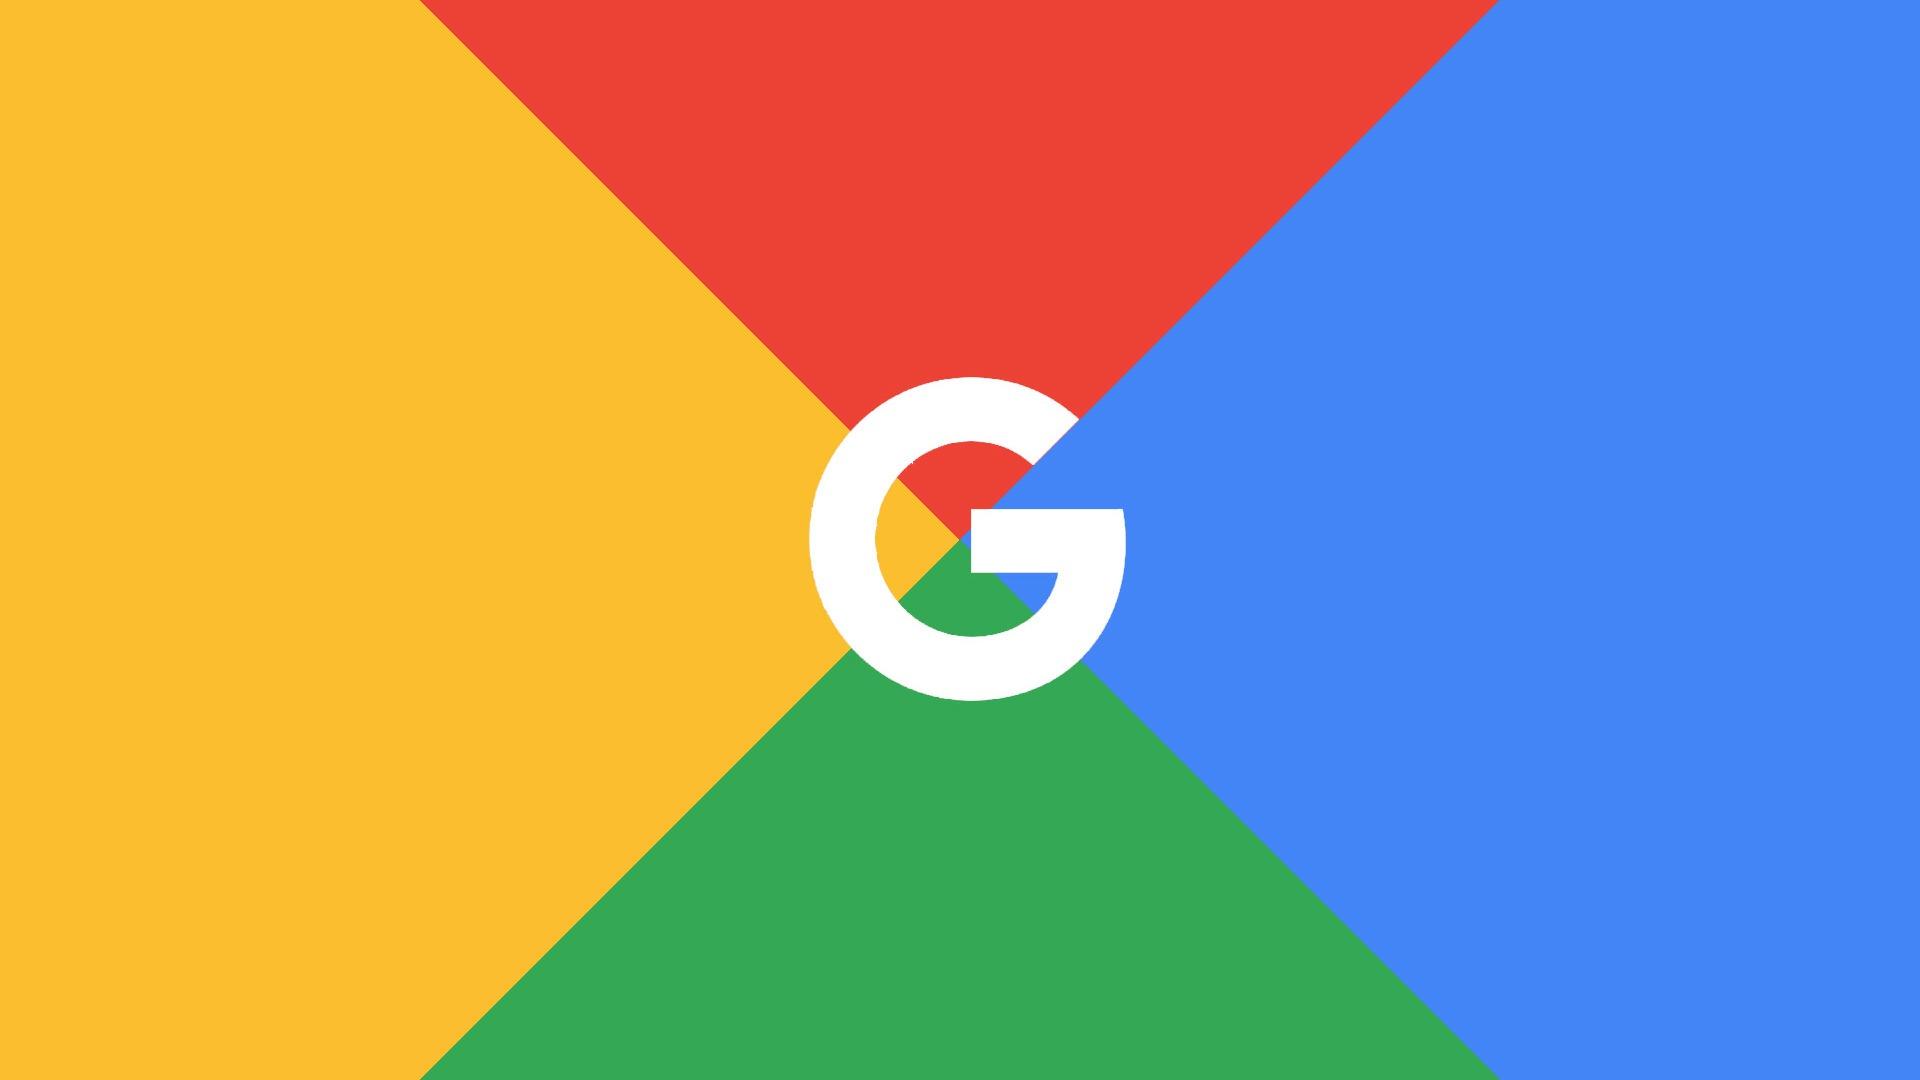 Crea, apri e configura un account Google [MOLTO facile] 3